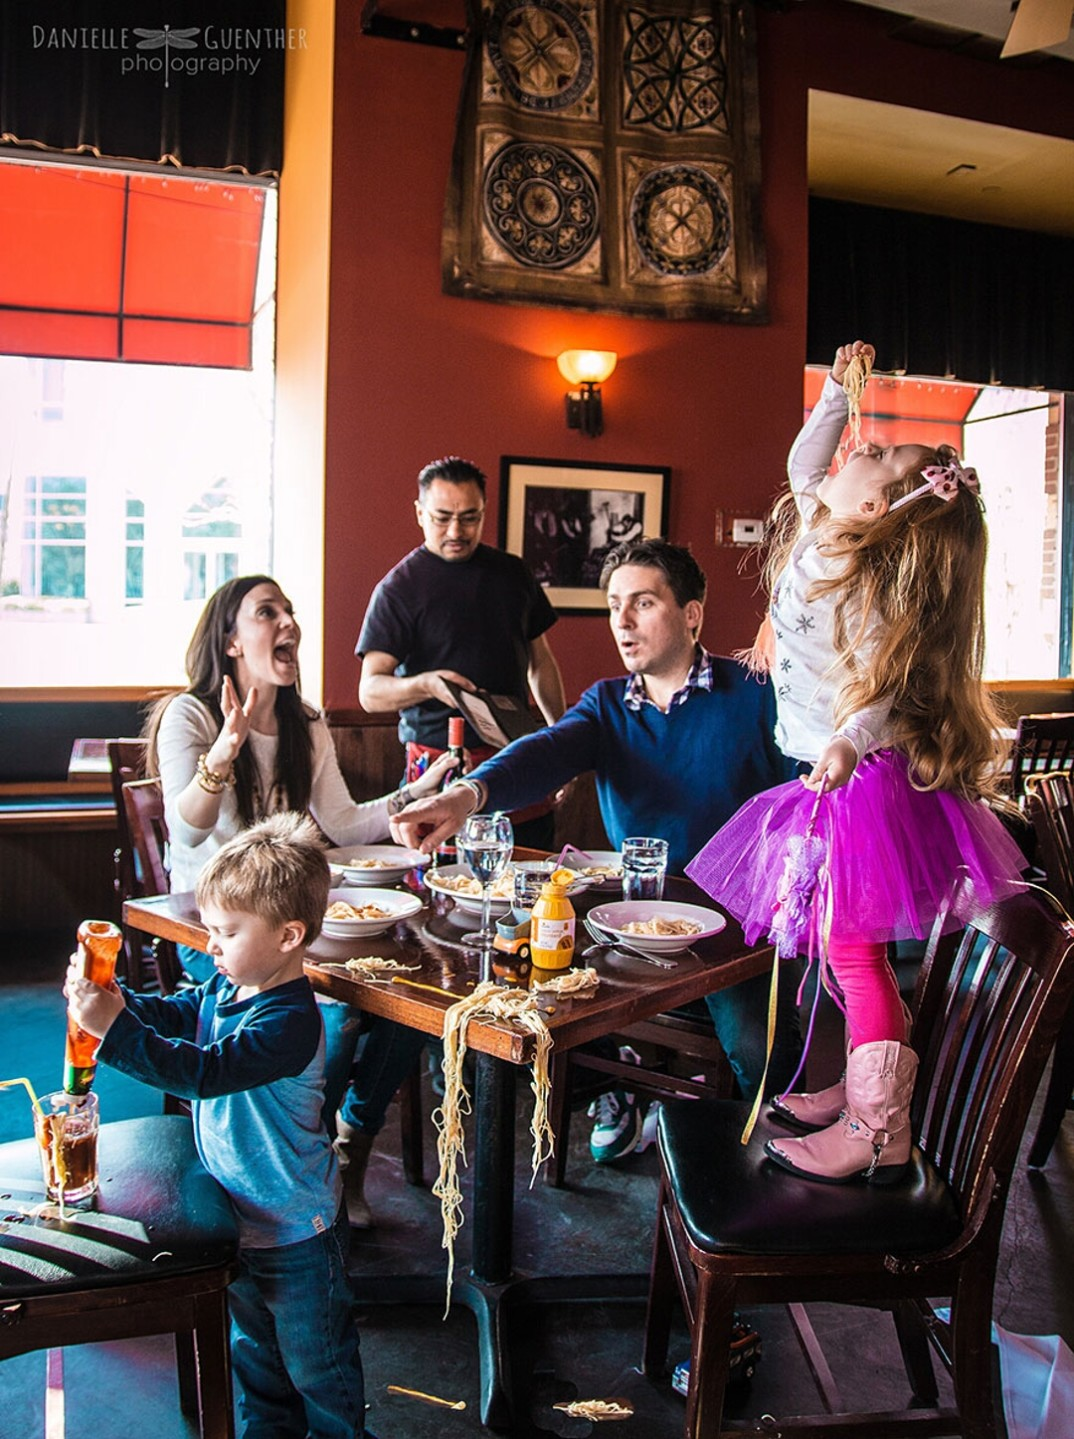 fotografia-famiglia-caos-divertente-08